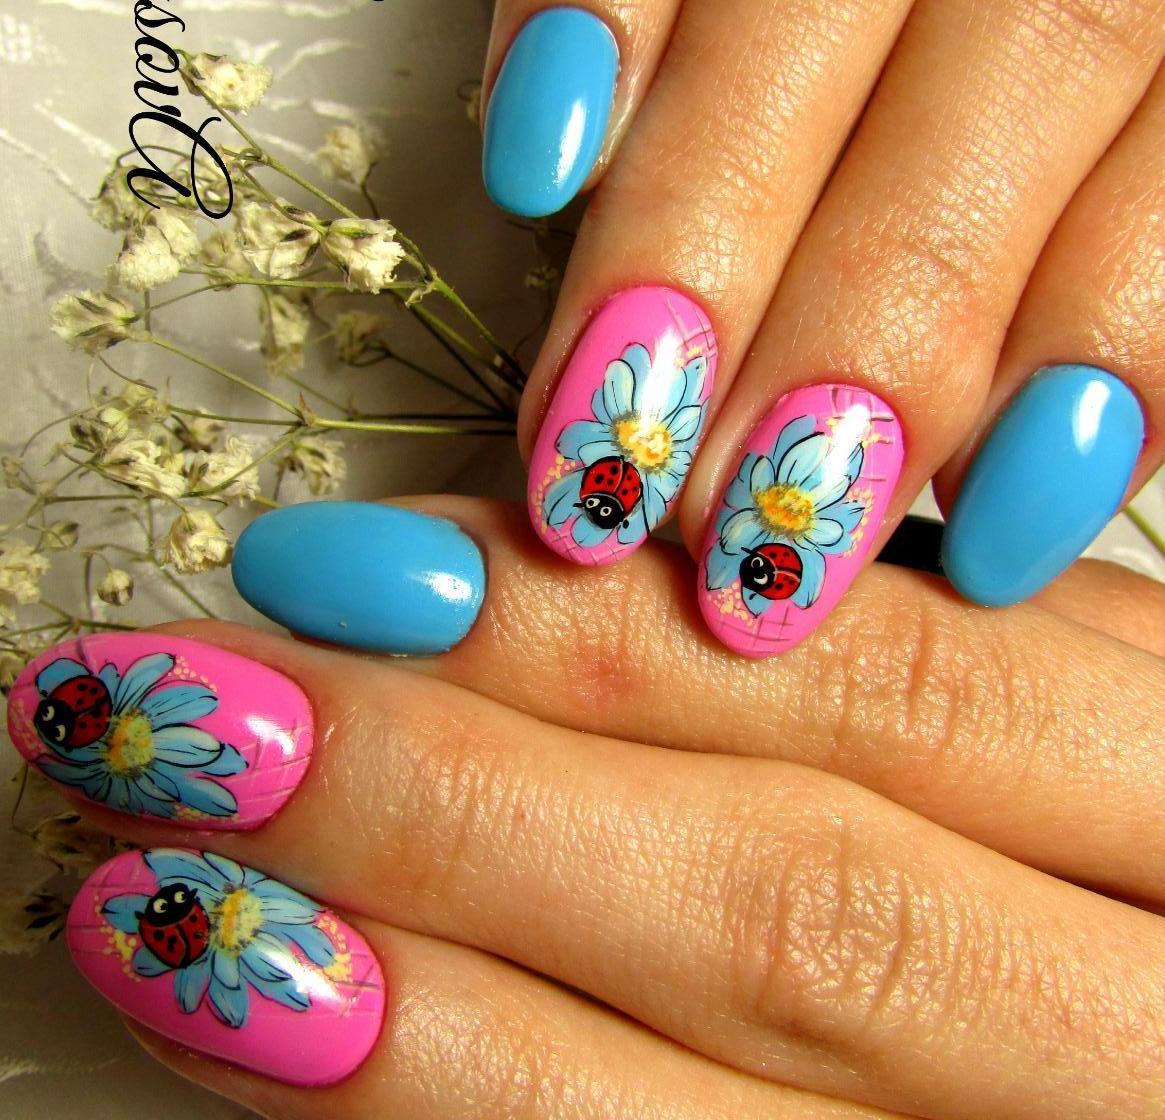 Дизайн ногтей весна лето. 82 фото маникюра. -Фото дизайна 37